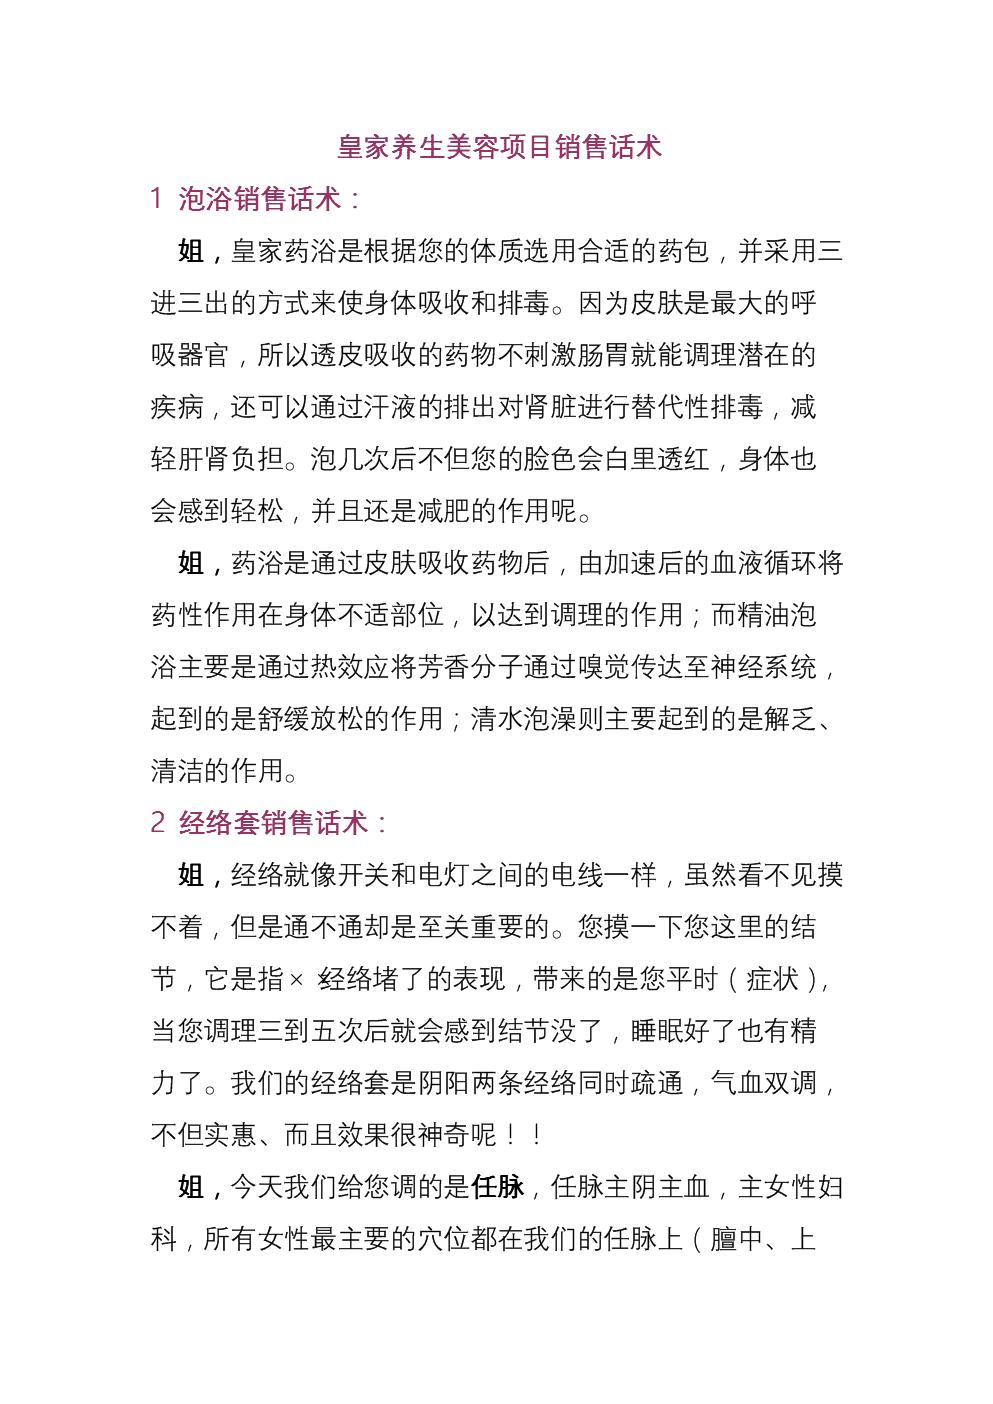 皇家养生美容项目销售话术.docx